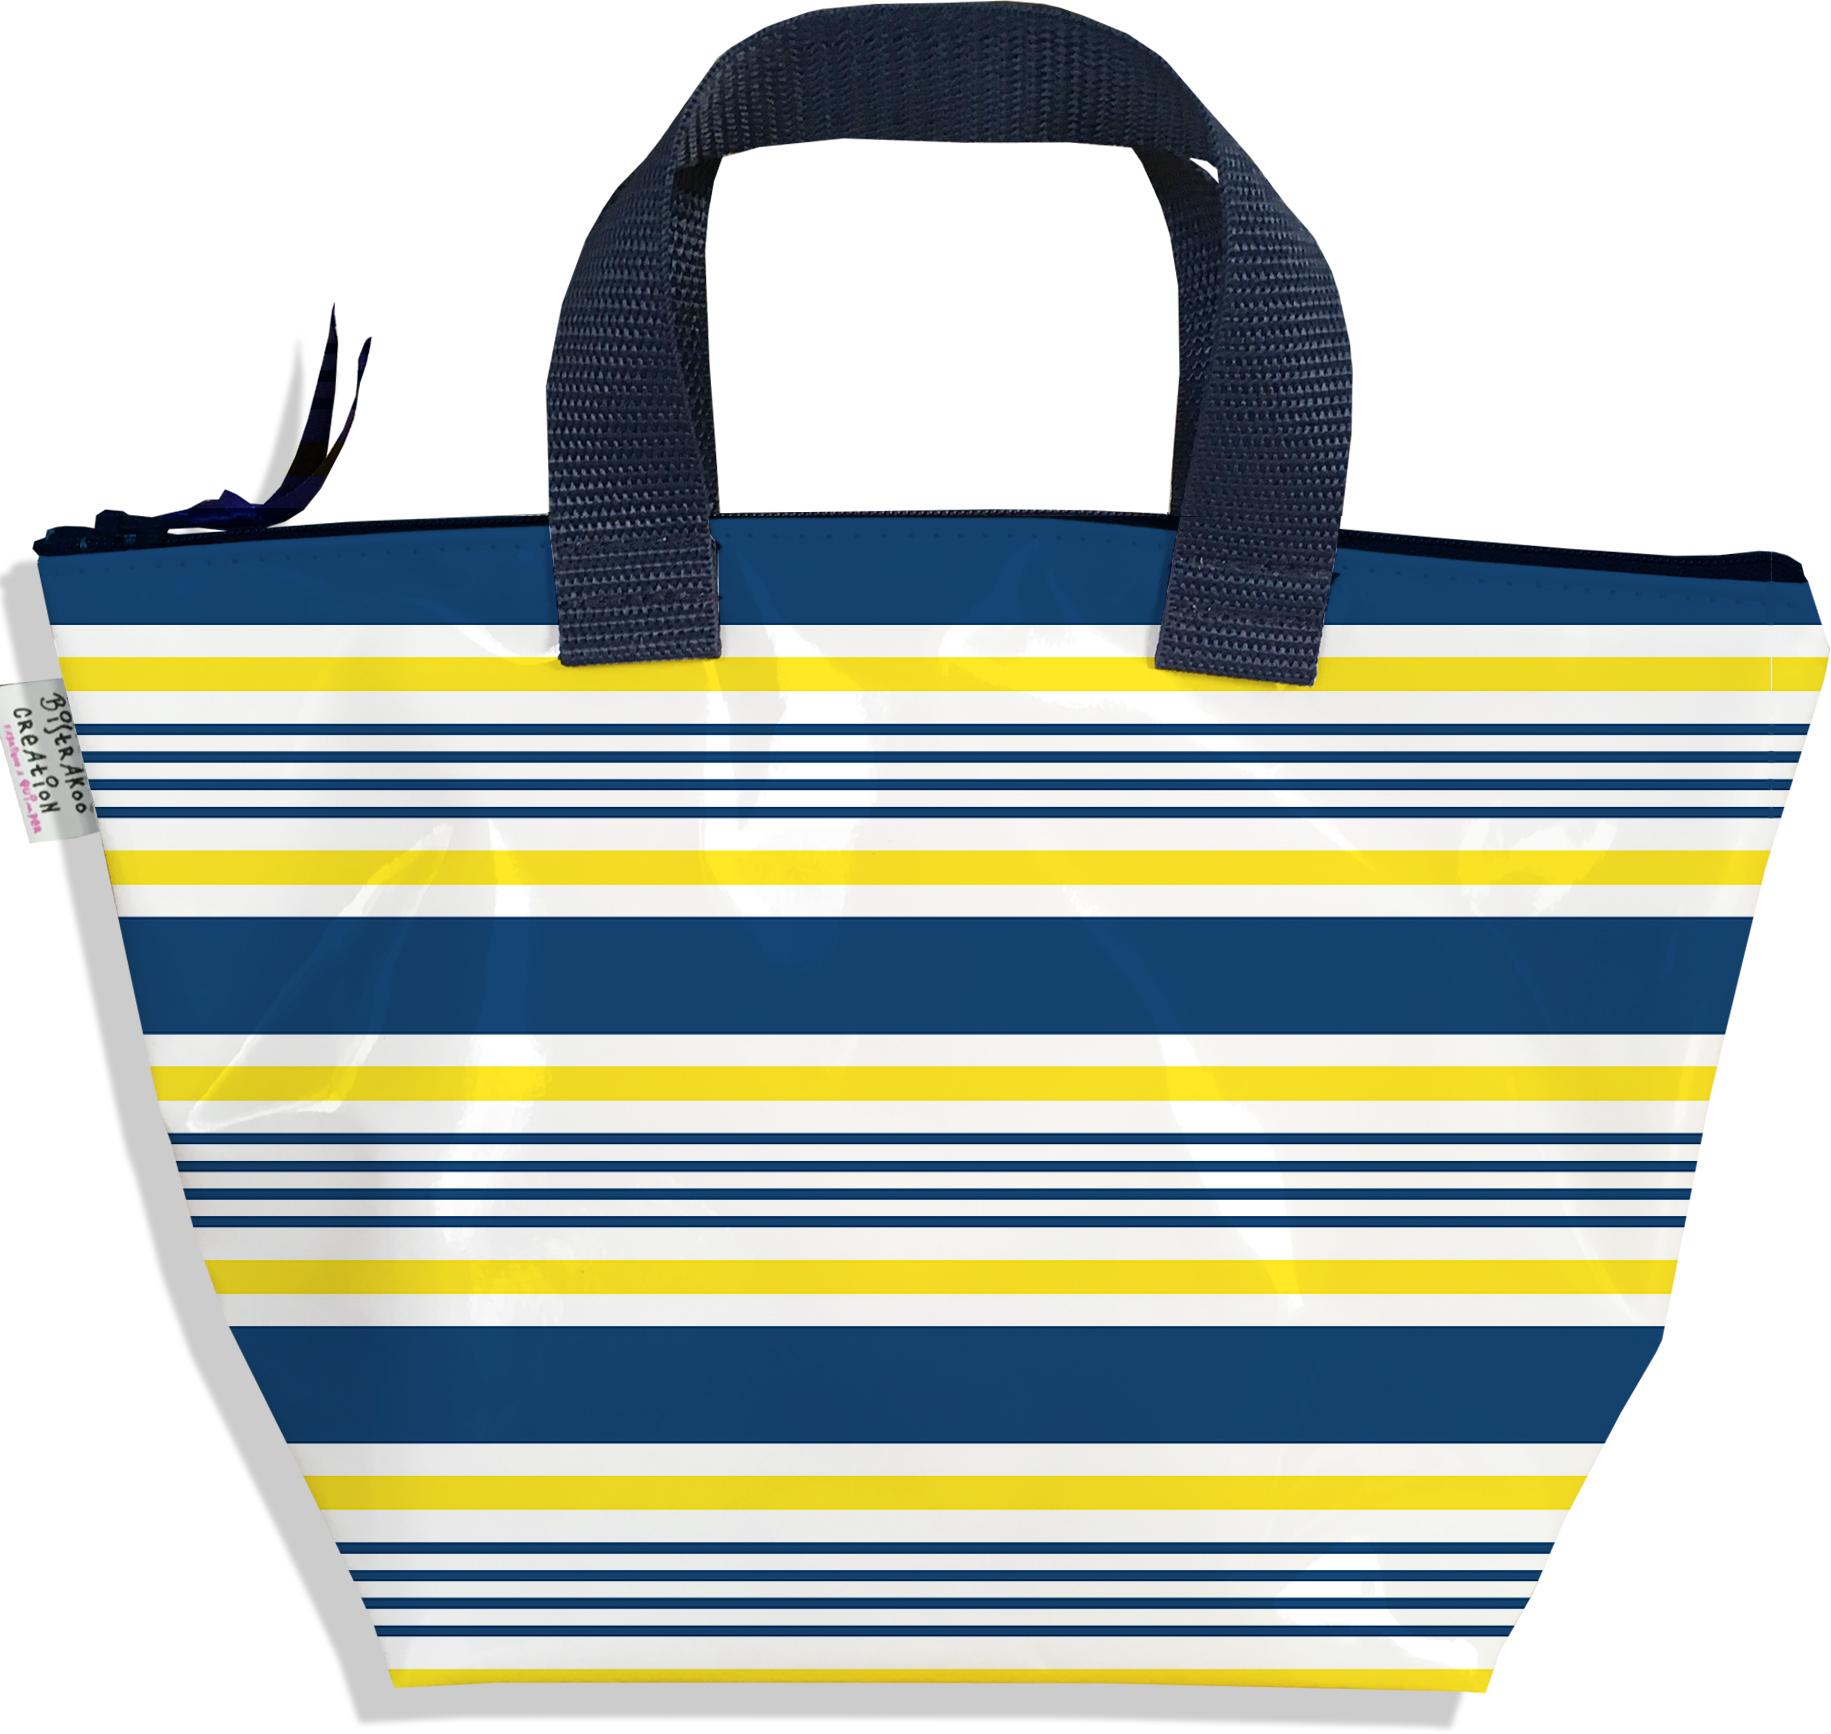 Sac à main zippé pour fille motif Marinière bleue et jaune 3018-2017